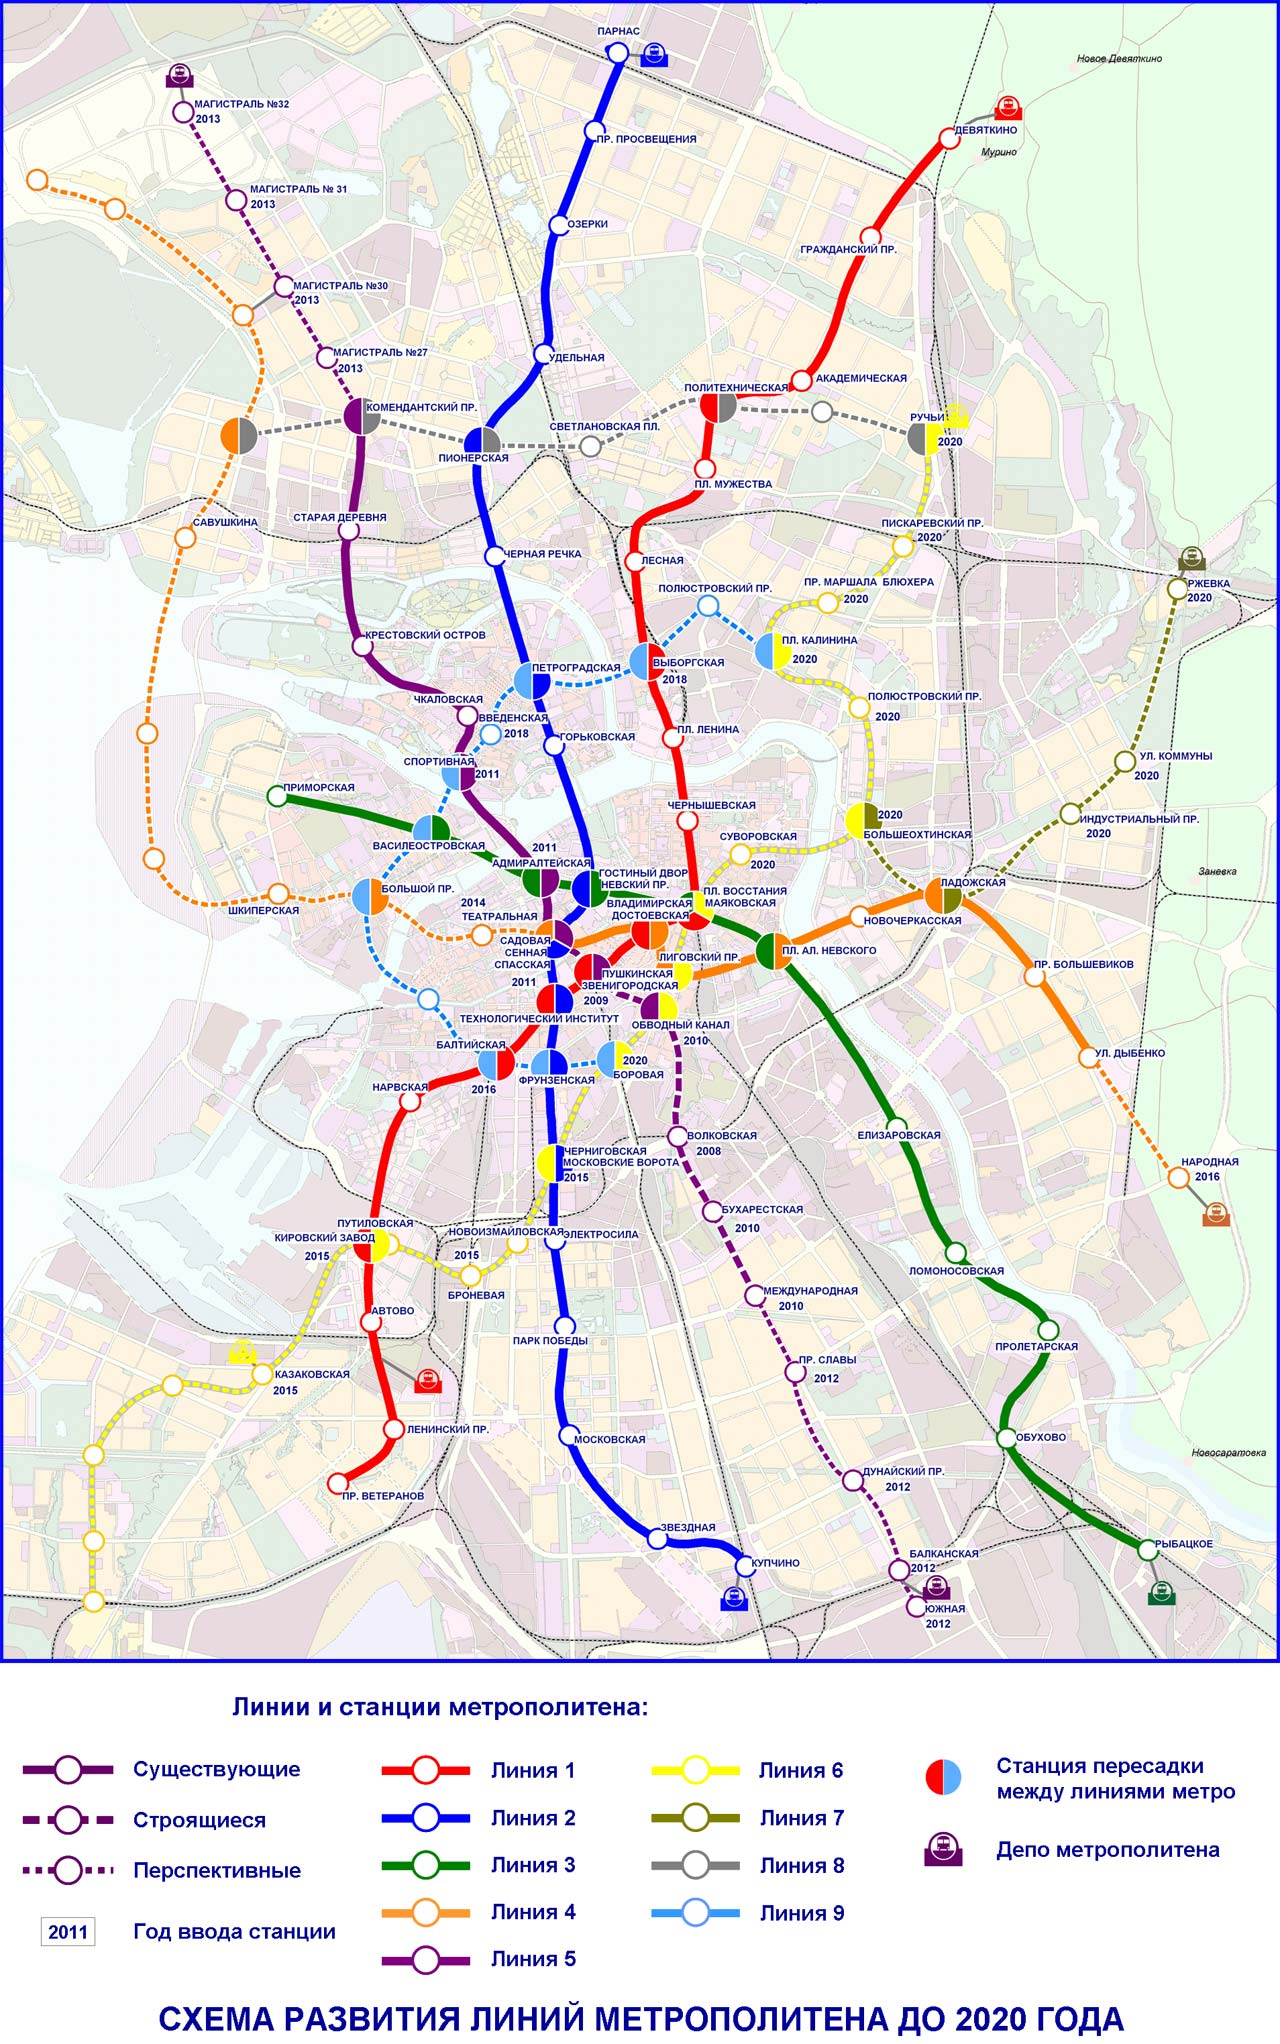 Предпроектные разработки ориентировочно должны начаться...  Новые станции метро планируется открыть на...